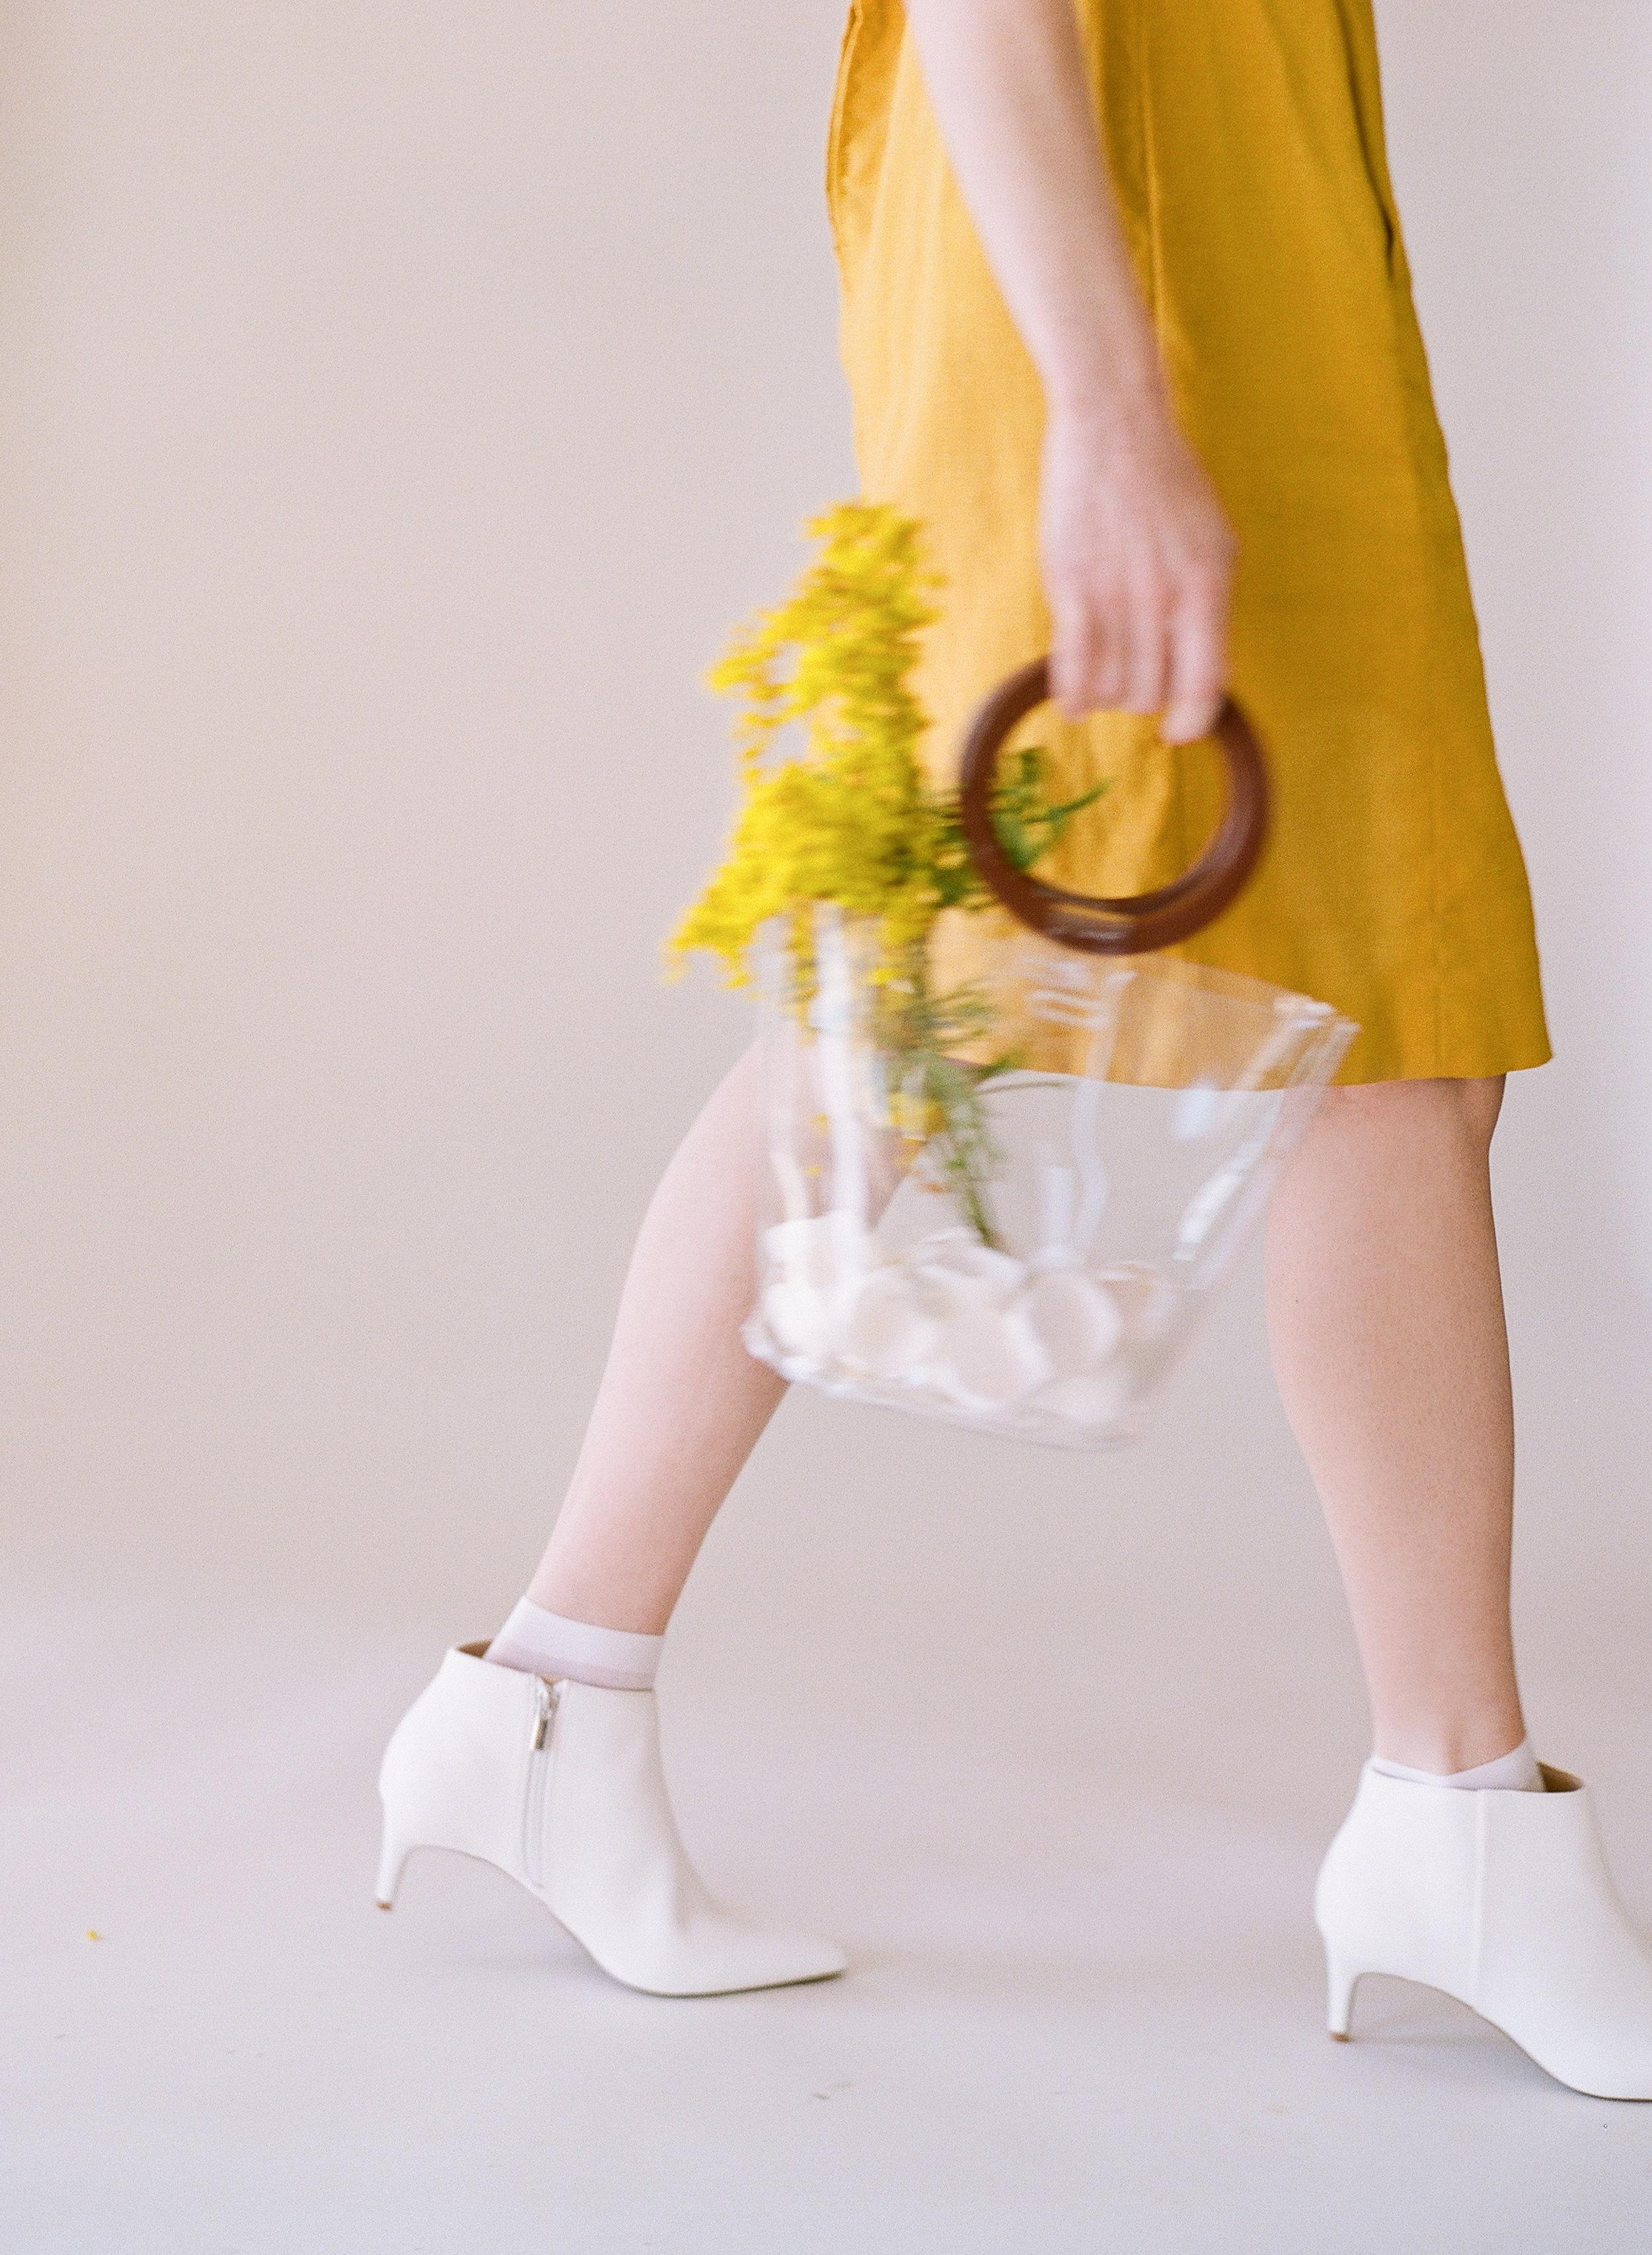 011_FriedEggs&Flowers.jpg